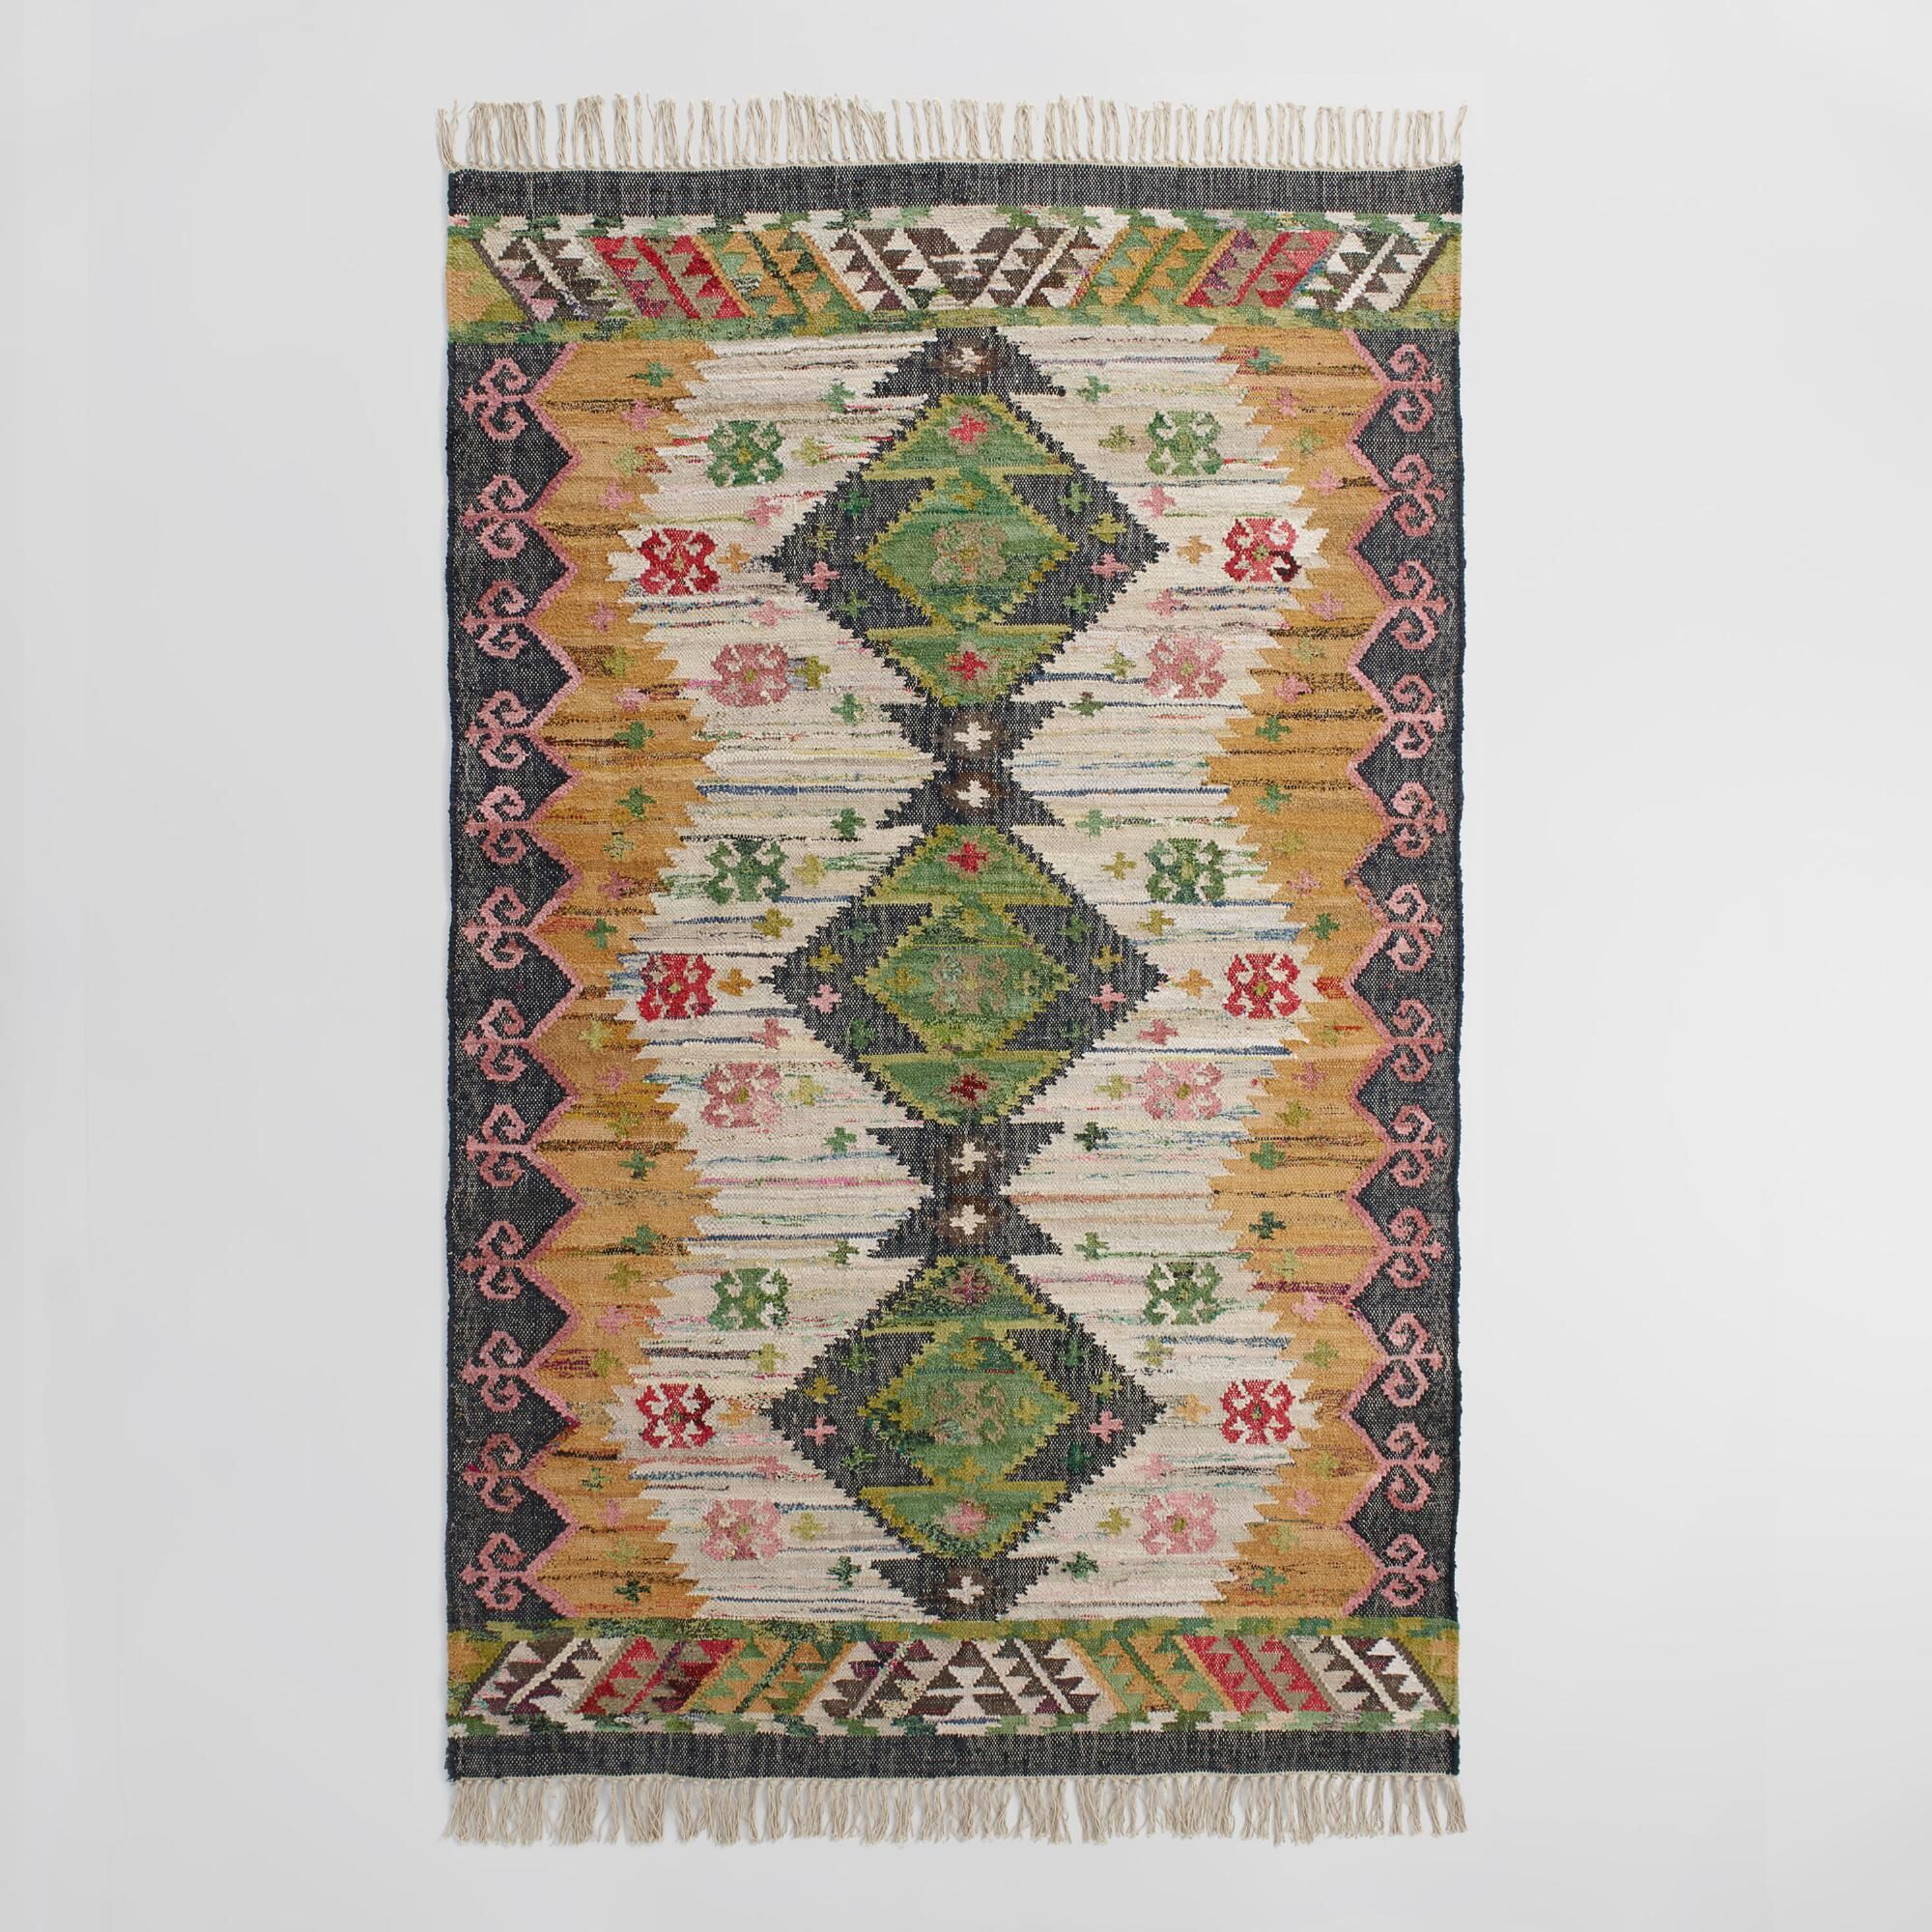 5'x8' Boho Woven Cotton Kilim Alina Area Rug: Multi